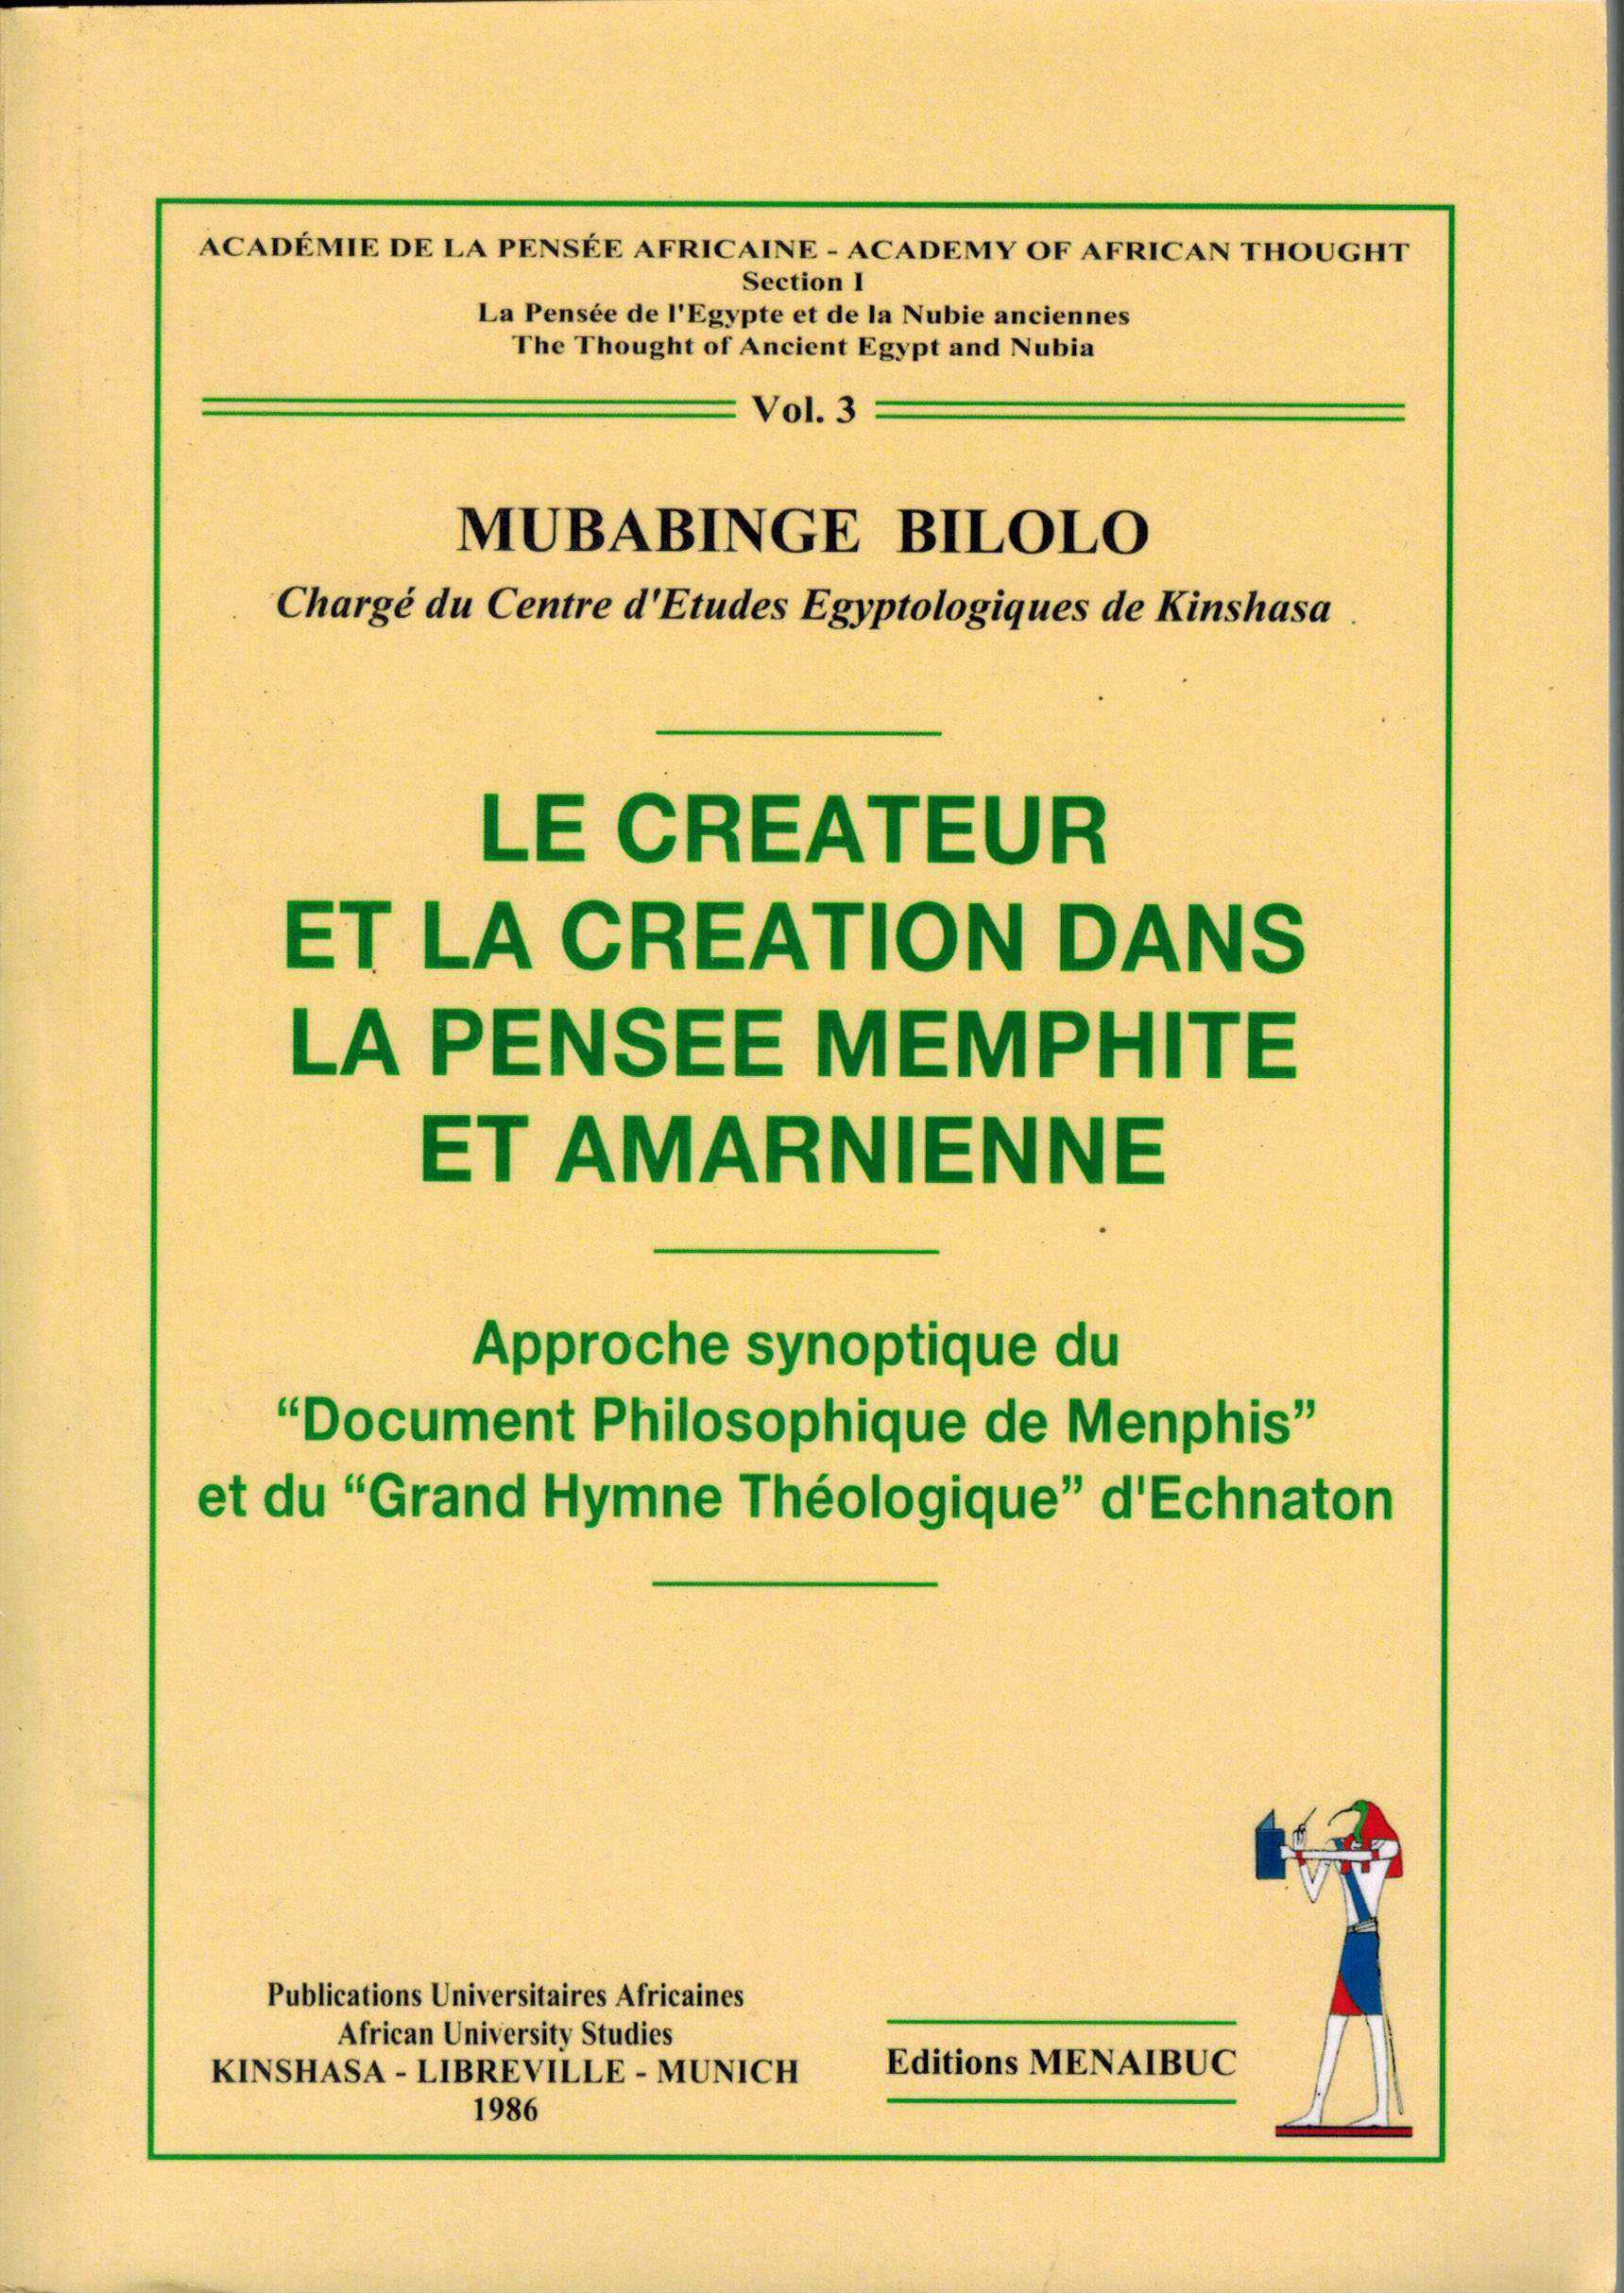 LE CREATEUR ET LA CREATION DANS LA PENSEE MEMPHITE ET AMARNIENNE